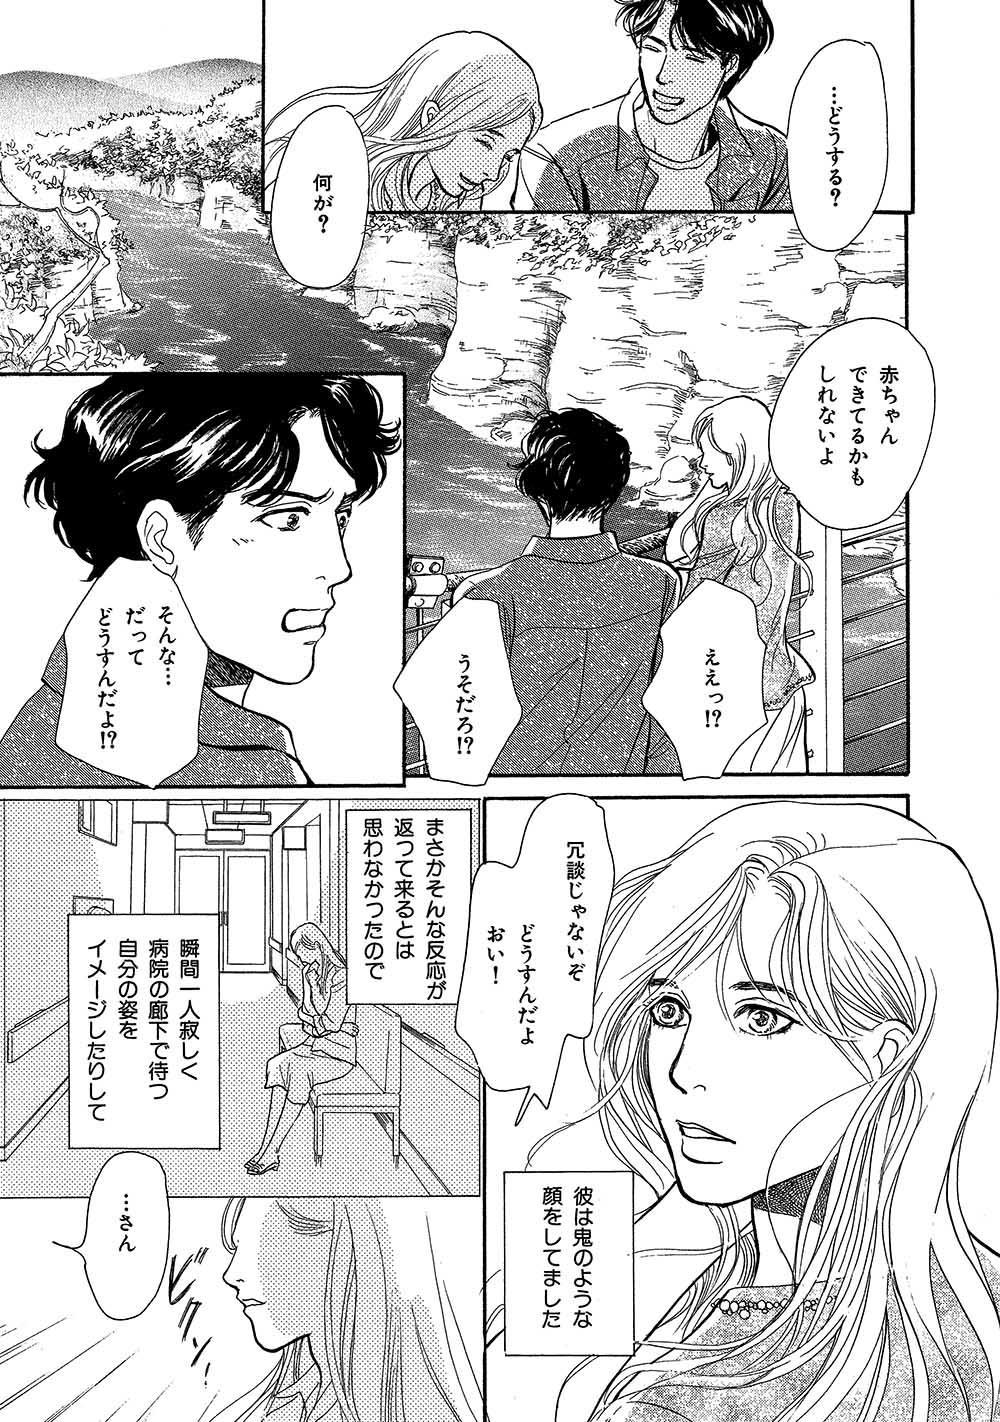 hyakki_0016_0073.jpg